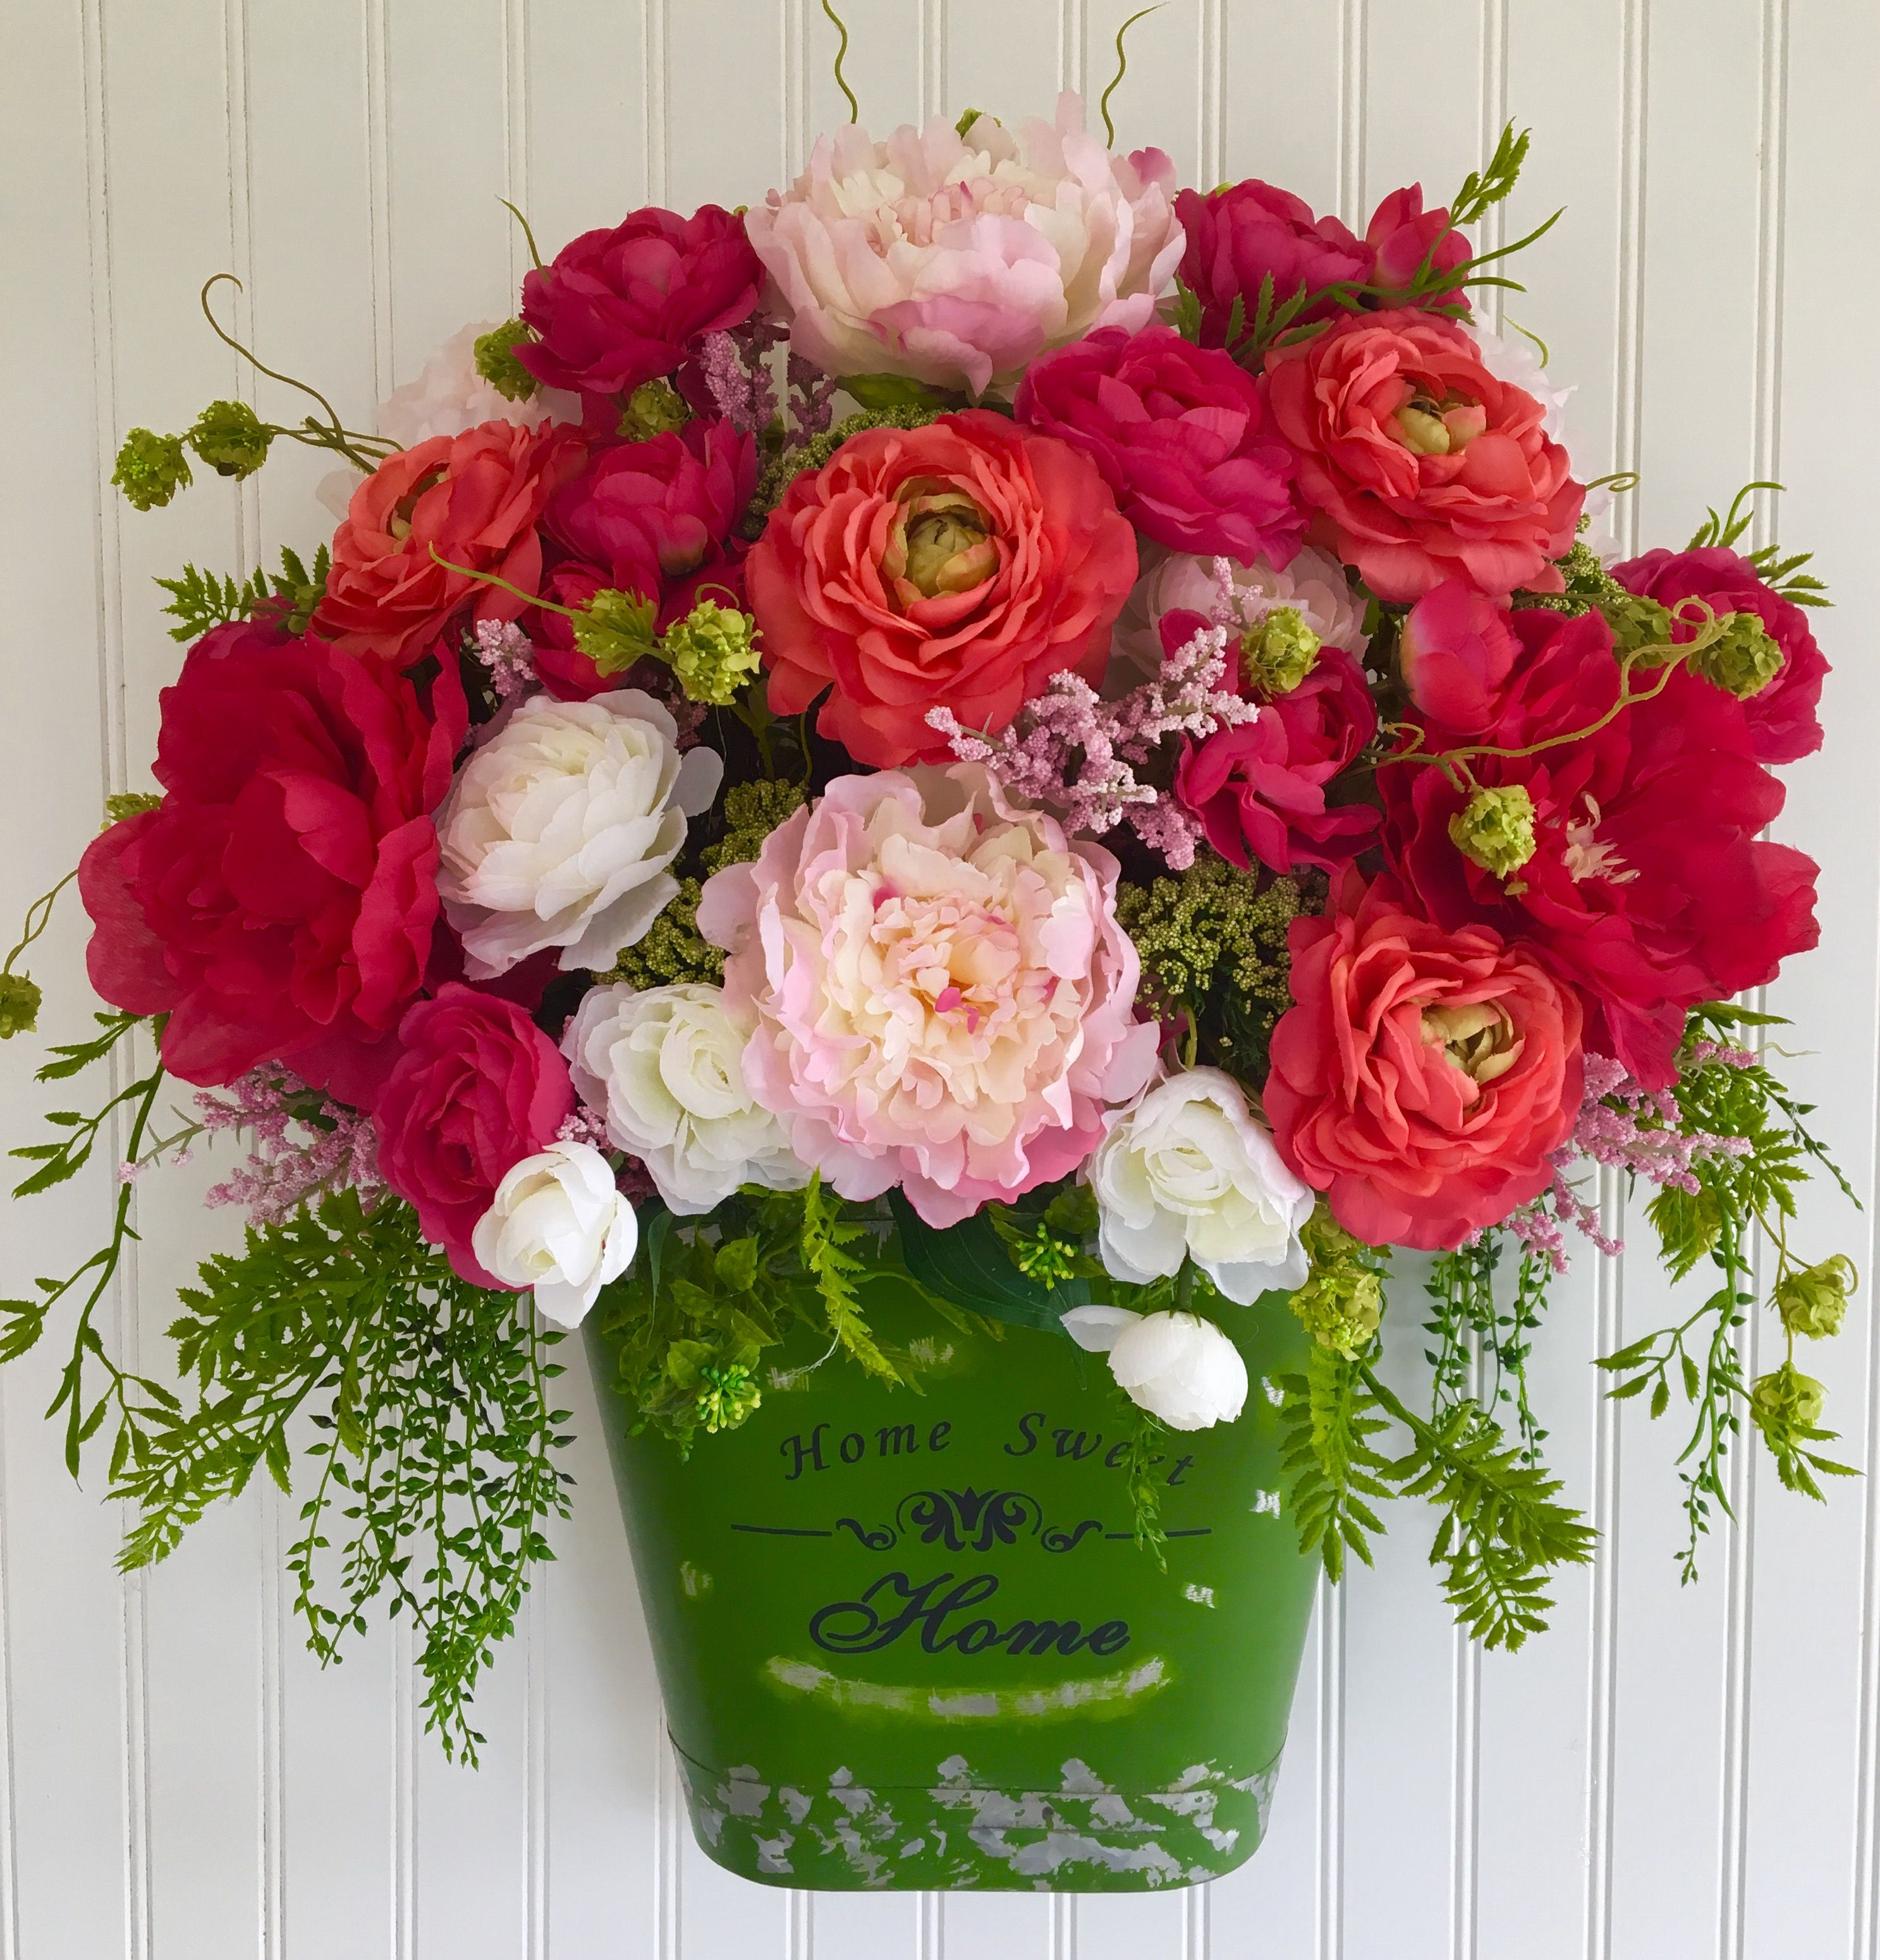 Flowers For Front Door: Spring Wreath, Front Door Wreath, Garden, Spring Flowers